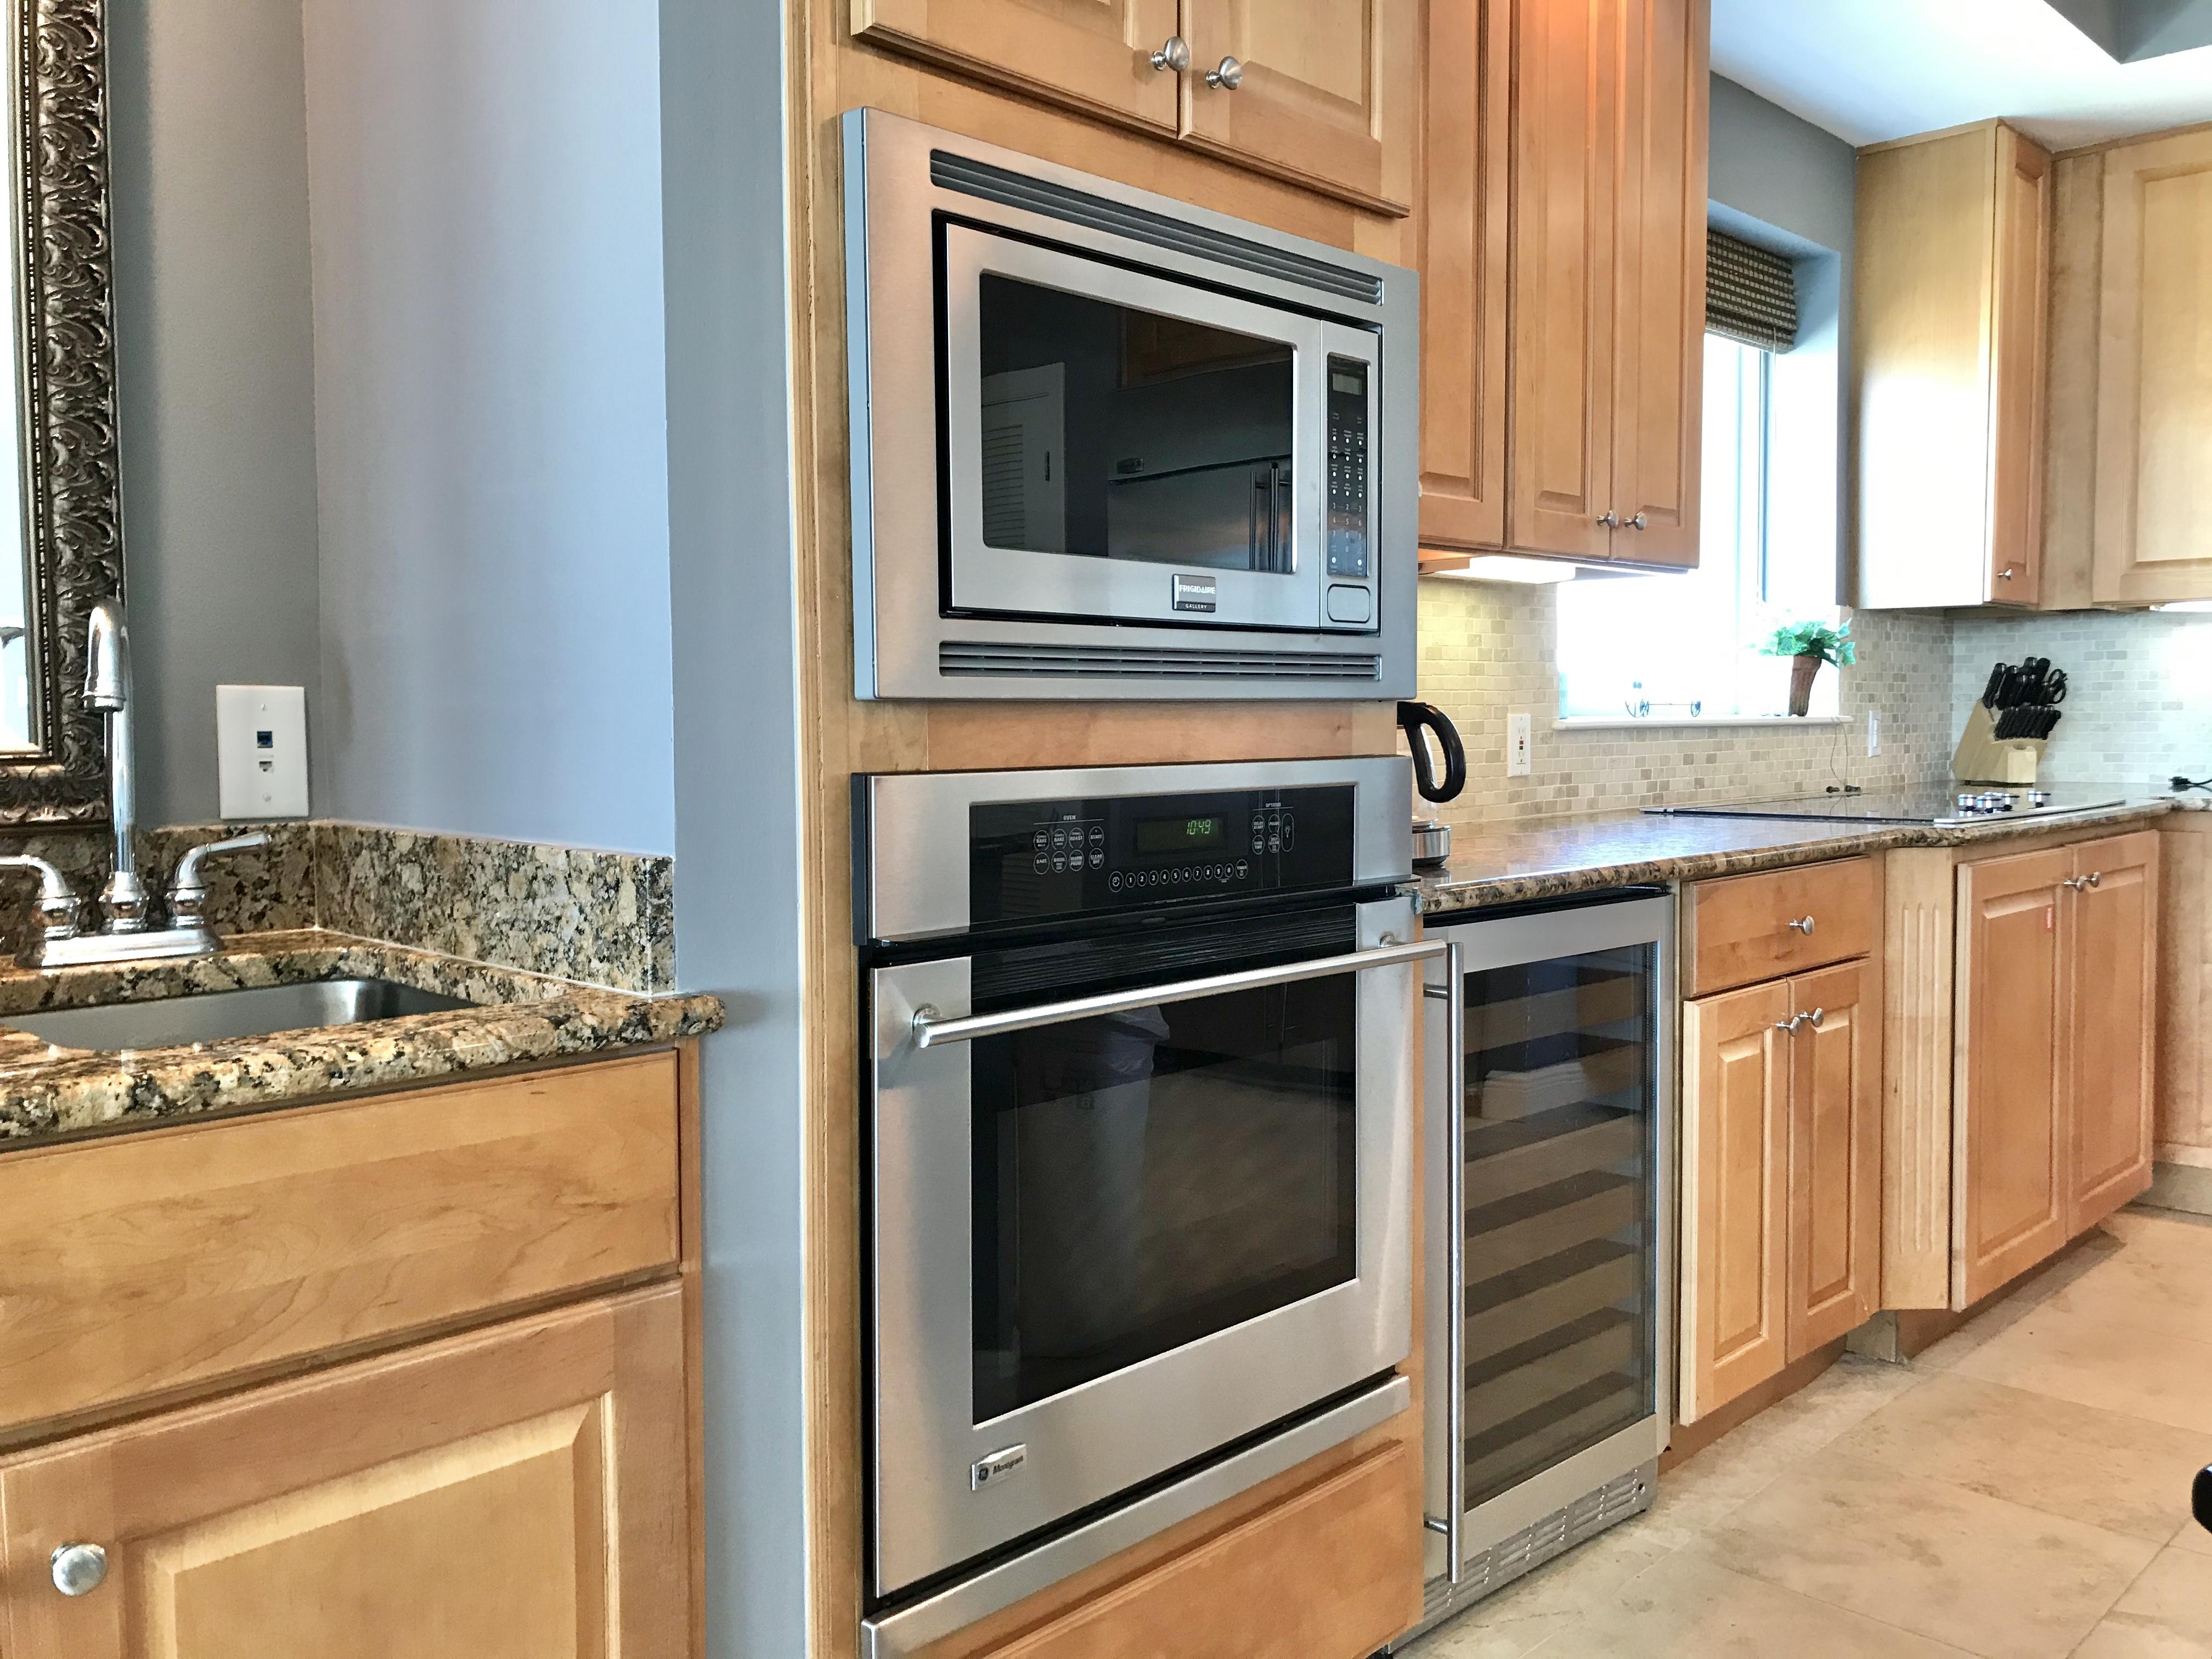 Mustique 401 Condo rental in Mustique in Gulf Shores Alabama - #13